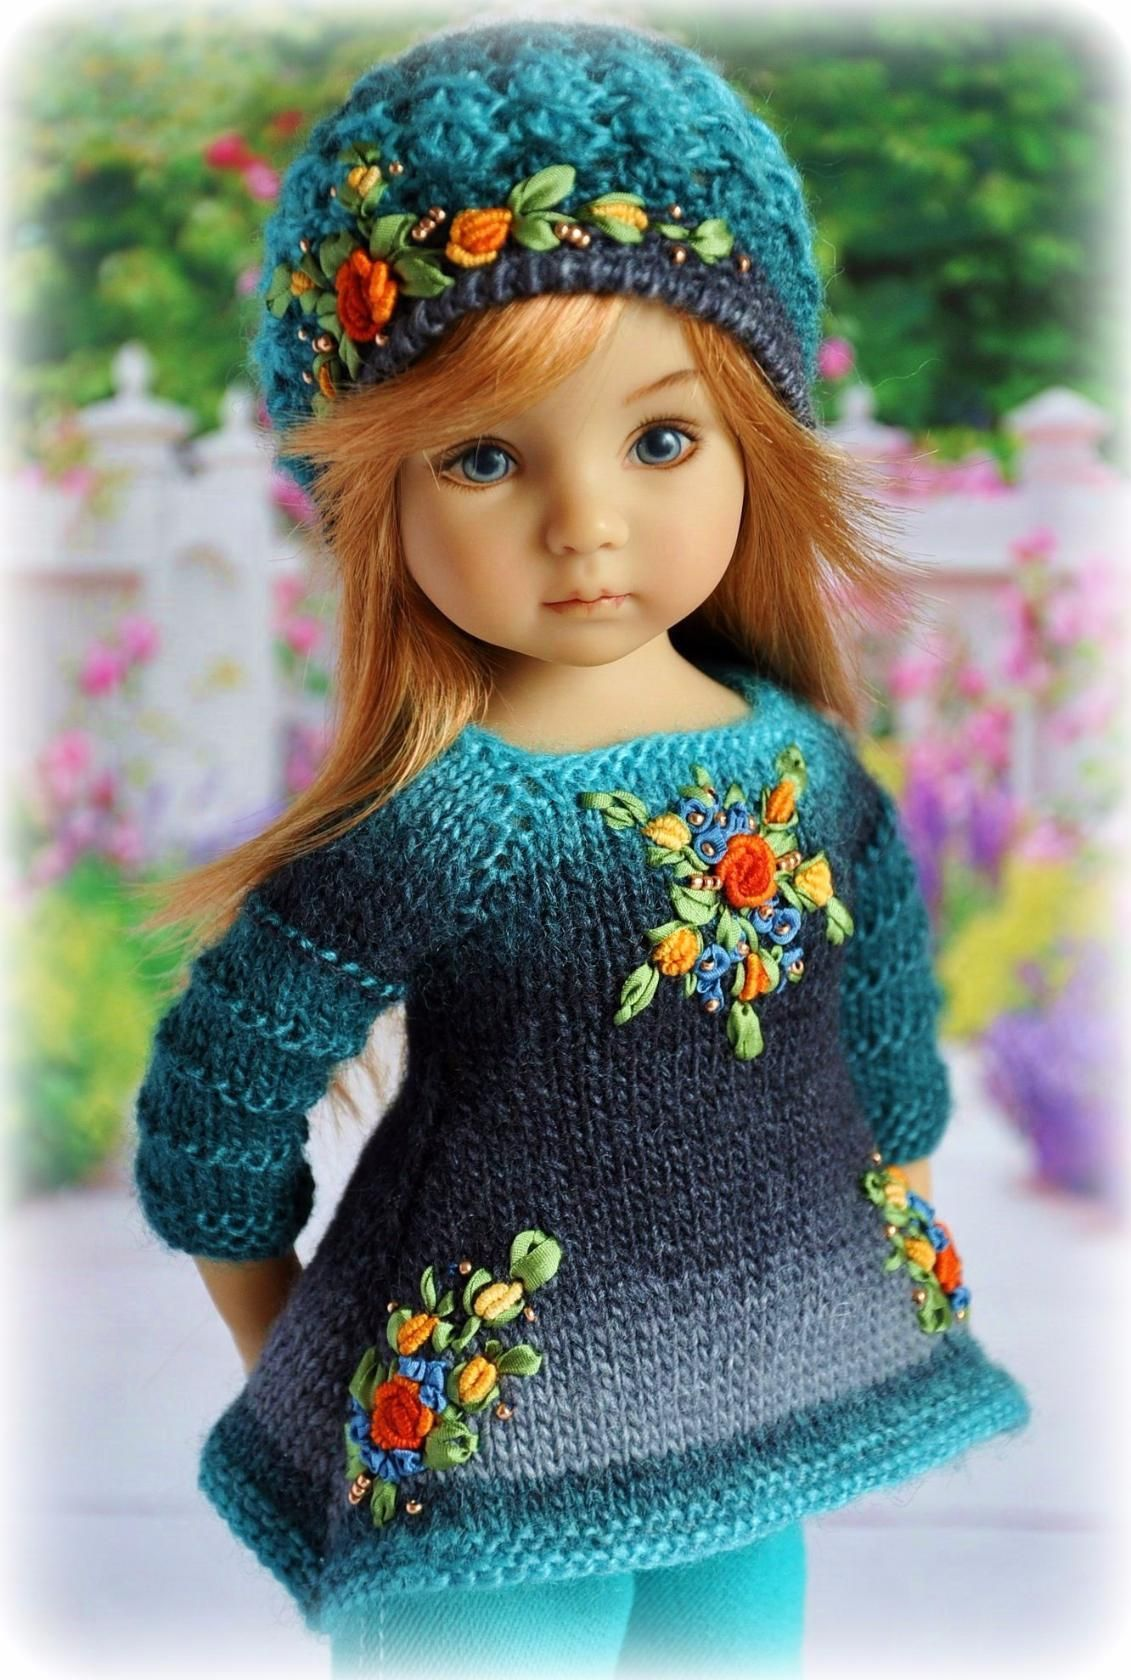 Pin von Rara Avis auf BabyKnit | Pinterest | Puppenkleidung, Puppen ...